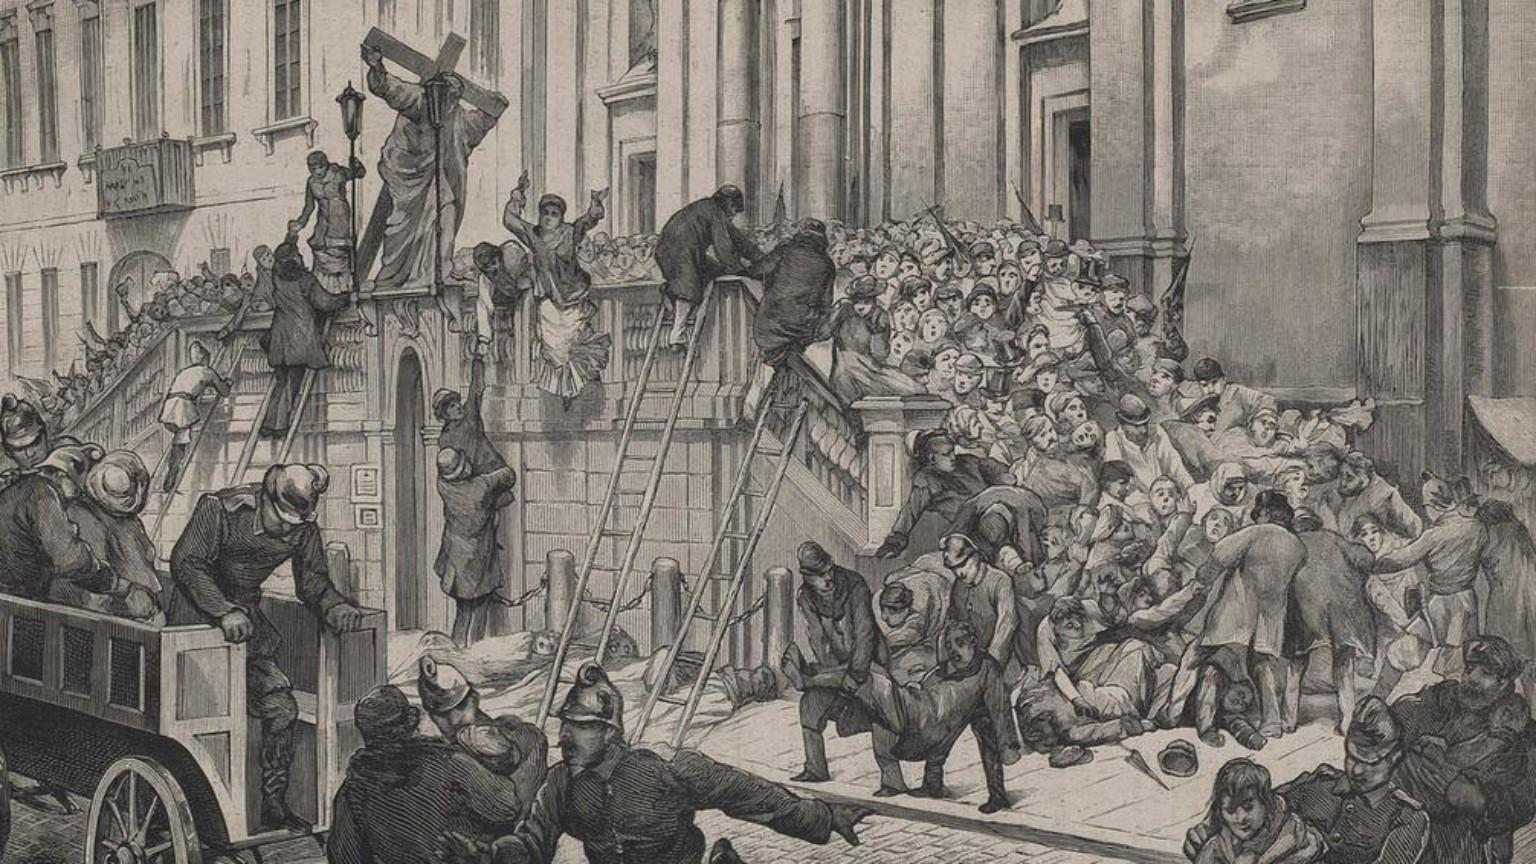 Zdjęcie dla kartki: Katastrofa na schodach kościoła Świętego Krzyża na Krakowskim Przedmieściu